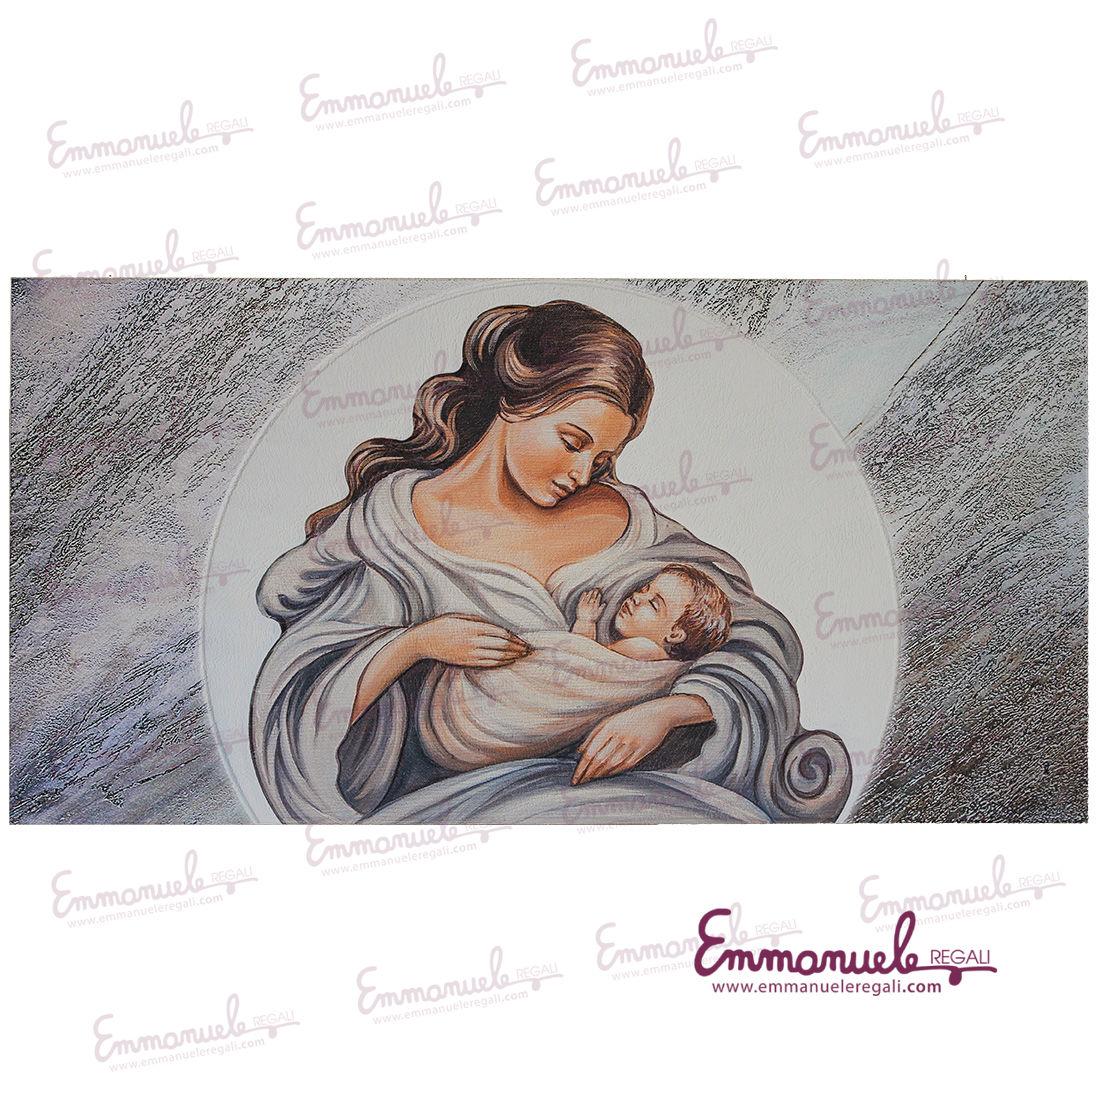 quadro_capezzale_maternità_empirea_emmanueleregali_bombonieraperfetta